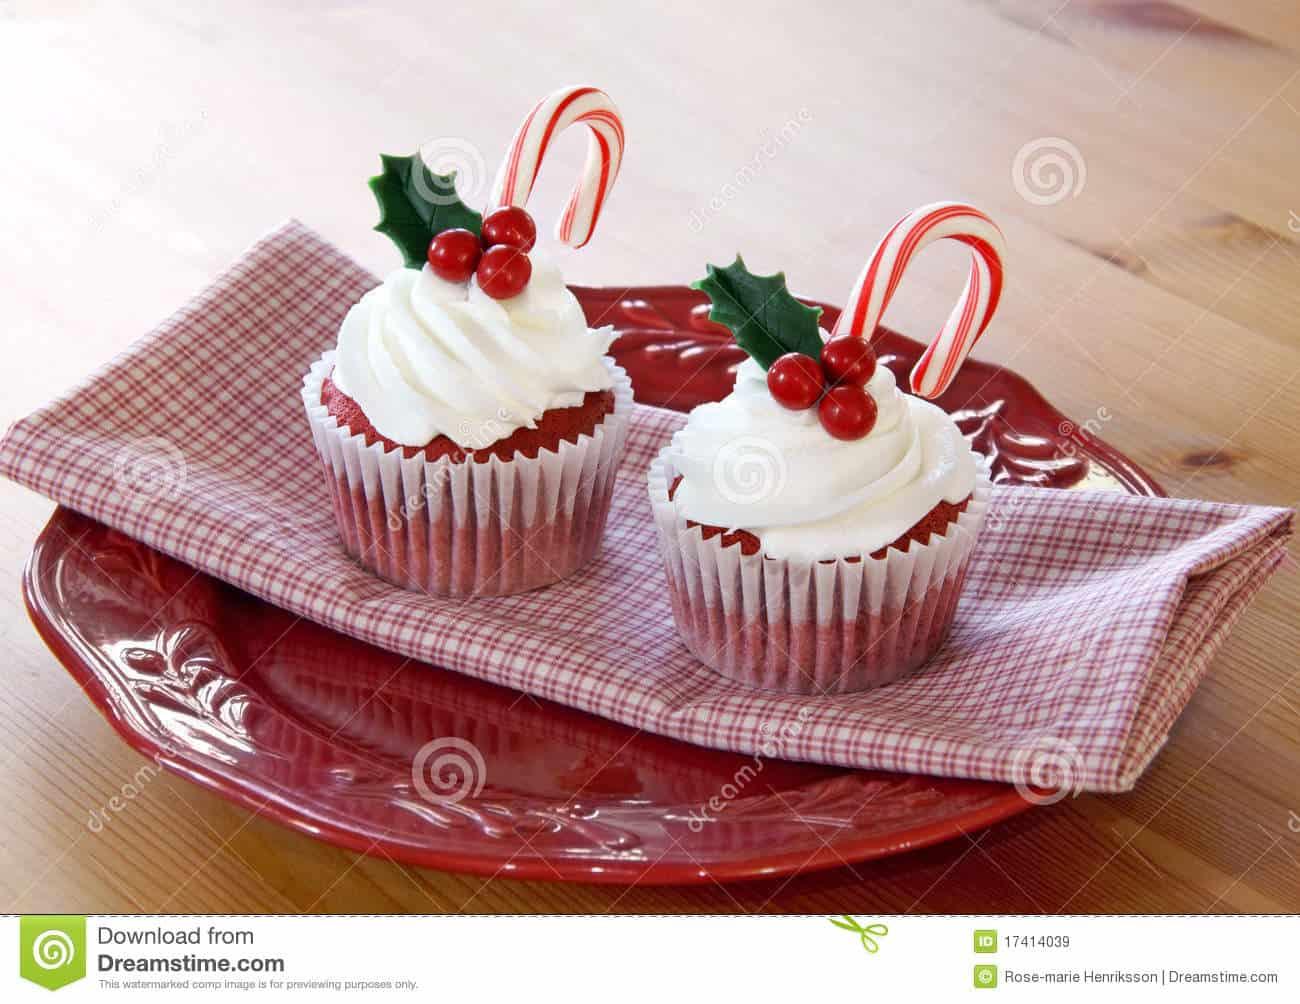 Red velvet mistletoe cupcakes